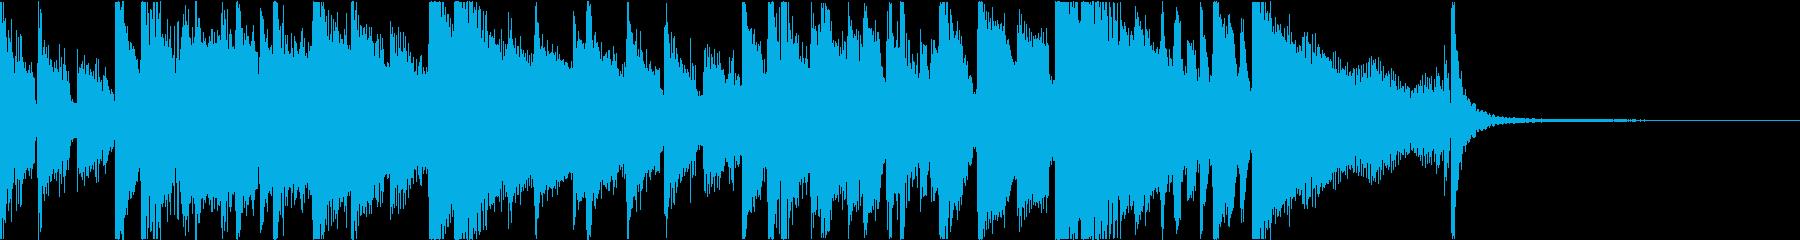 大人な雰囲気のジャズブルースジングルの再生済みの波形